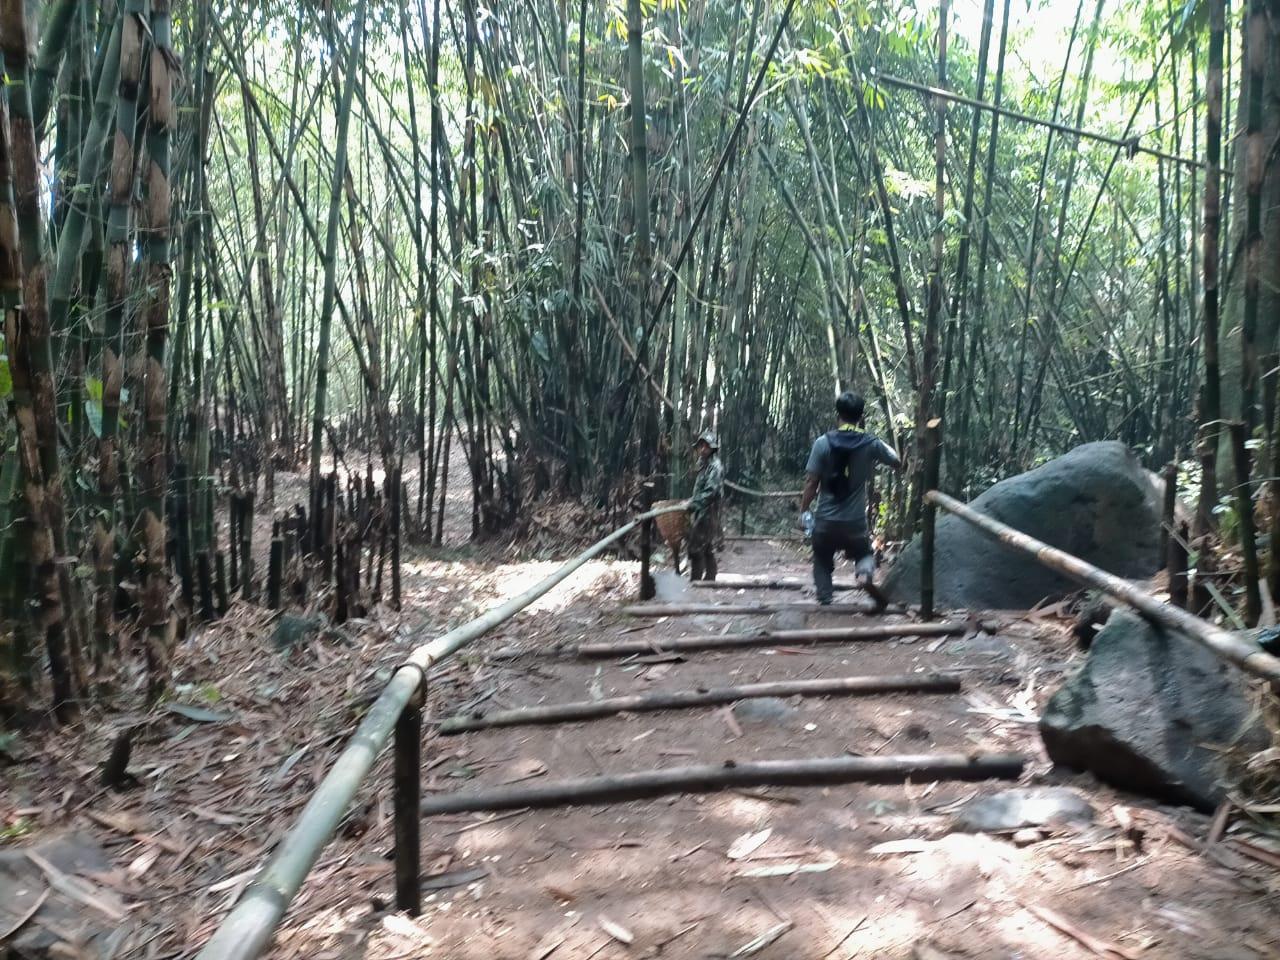 Panji Terispirasi Lahan Bambu Menjadi Wisata di Negara Jepang